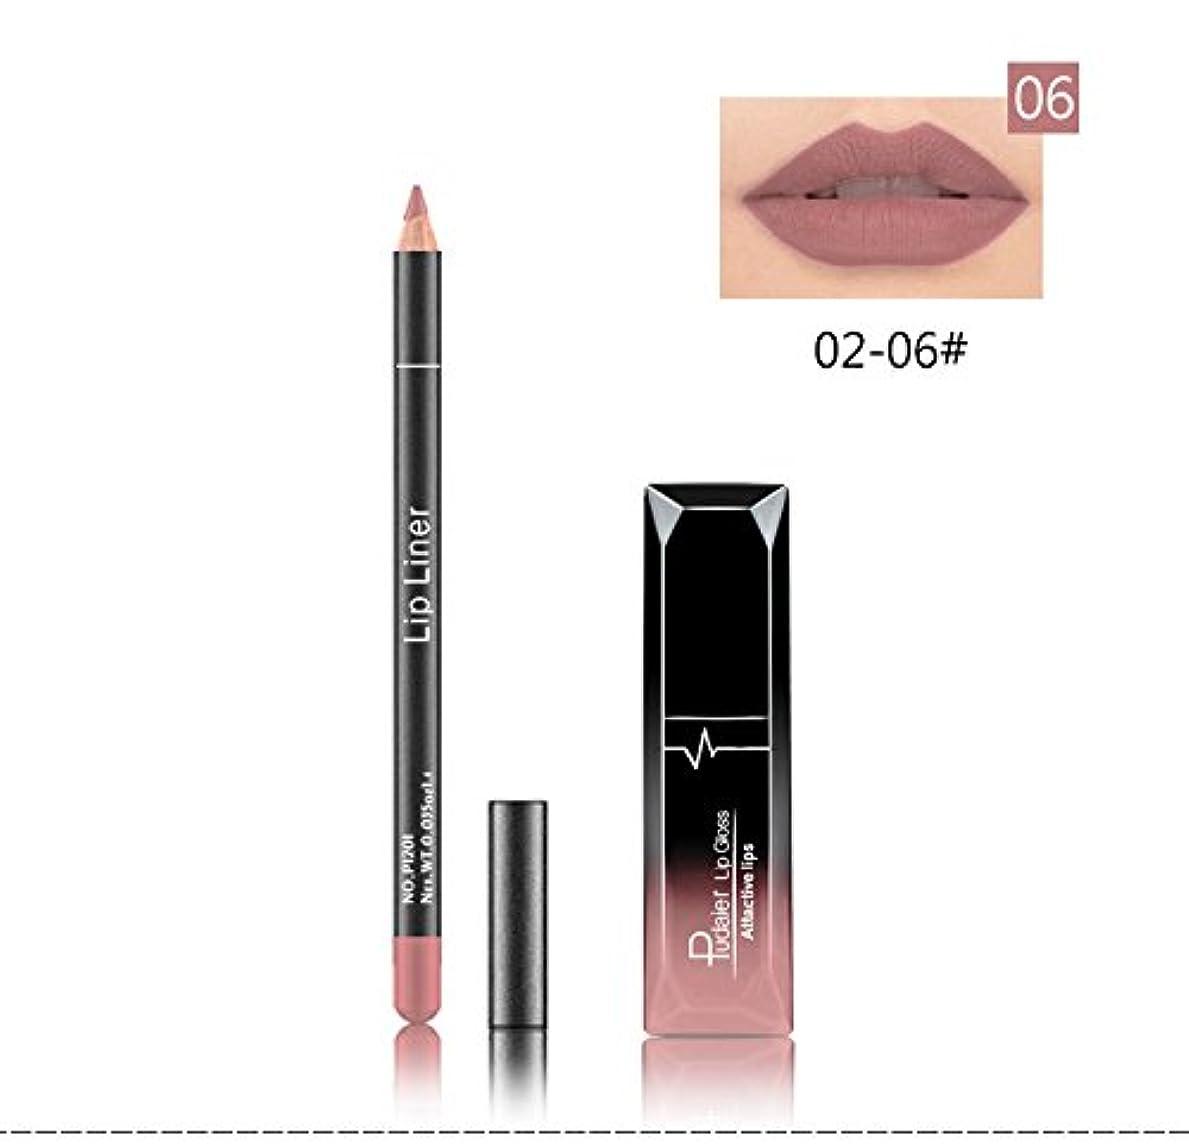 不変タップ合体(06) Pudaier 1pc Matte Liquid Lipstick Cosmetic Lip Kit+ 1 Pc Nude Lip Liner Pencil MakeUp Set Waterproof Long...